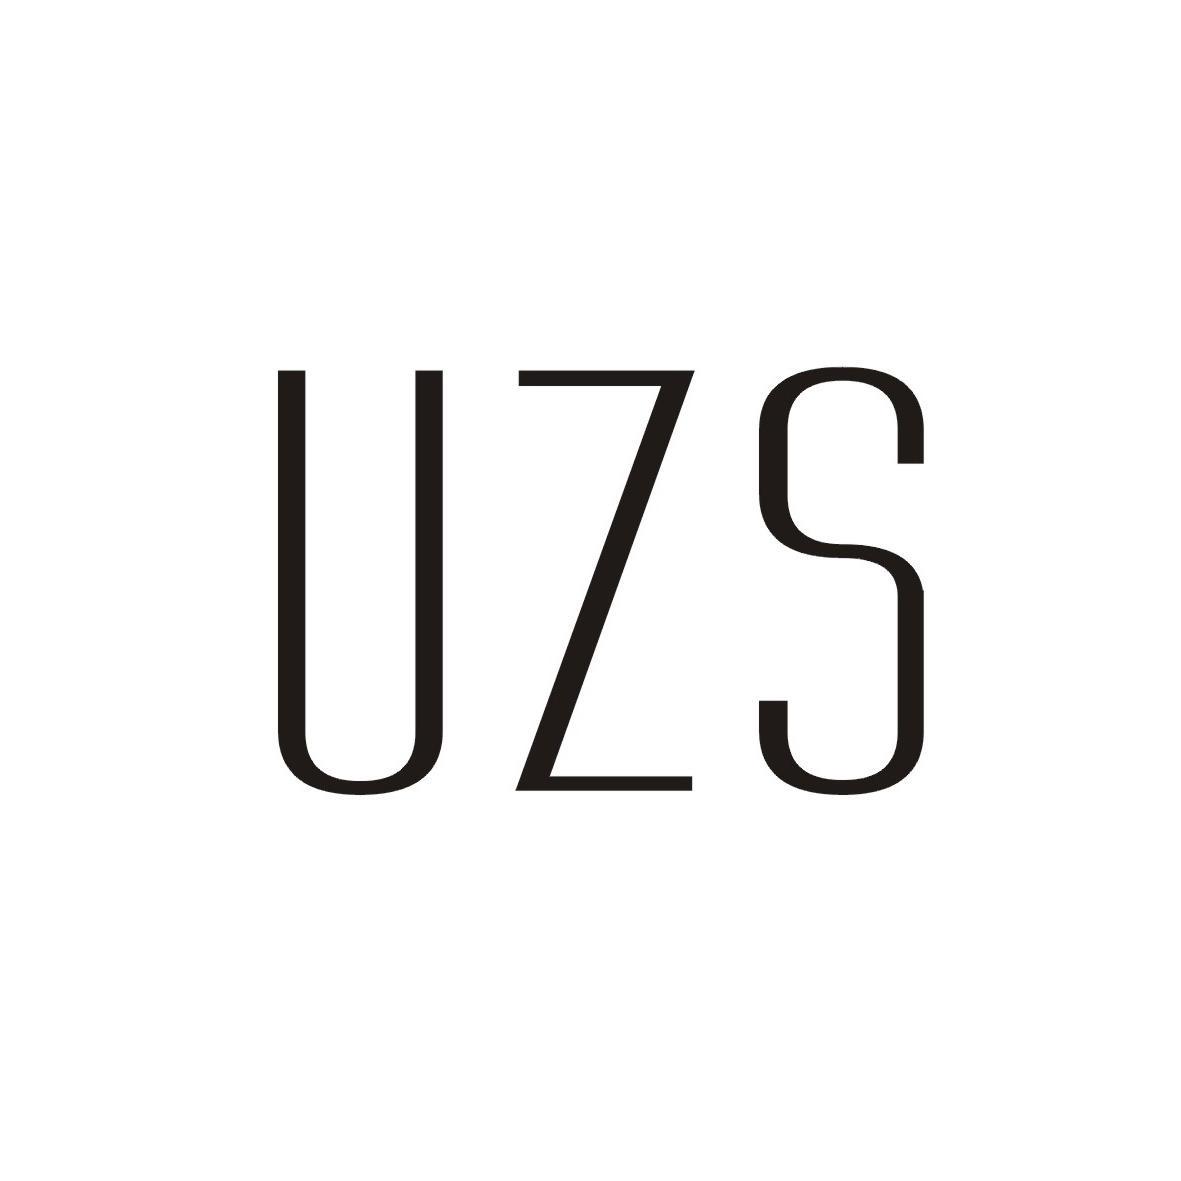 转让商标-UZS